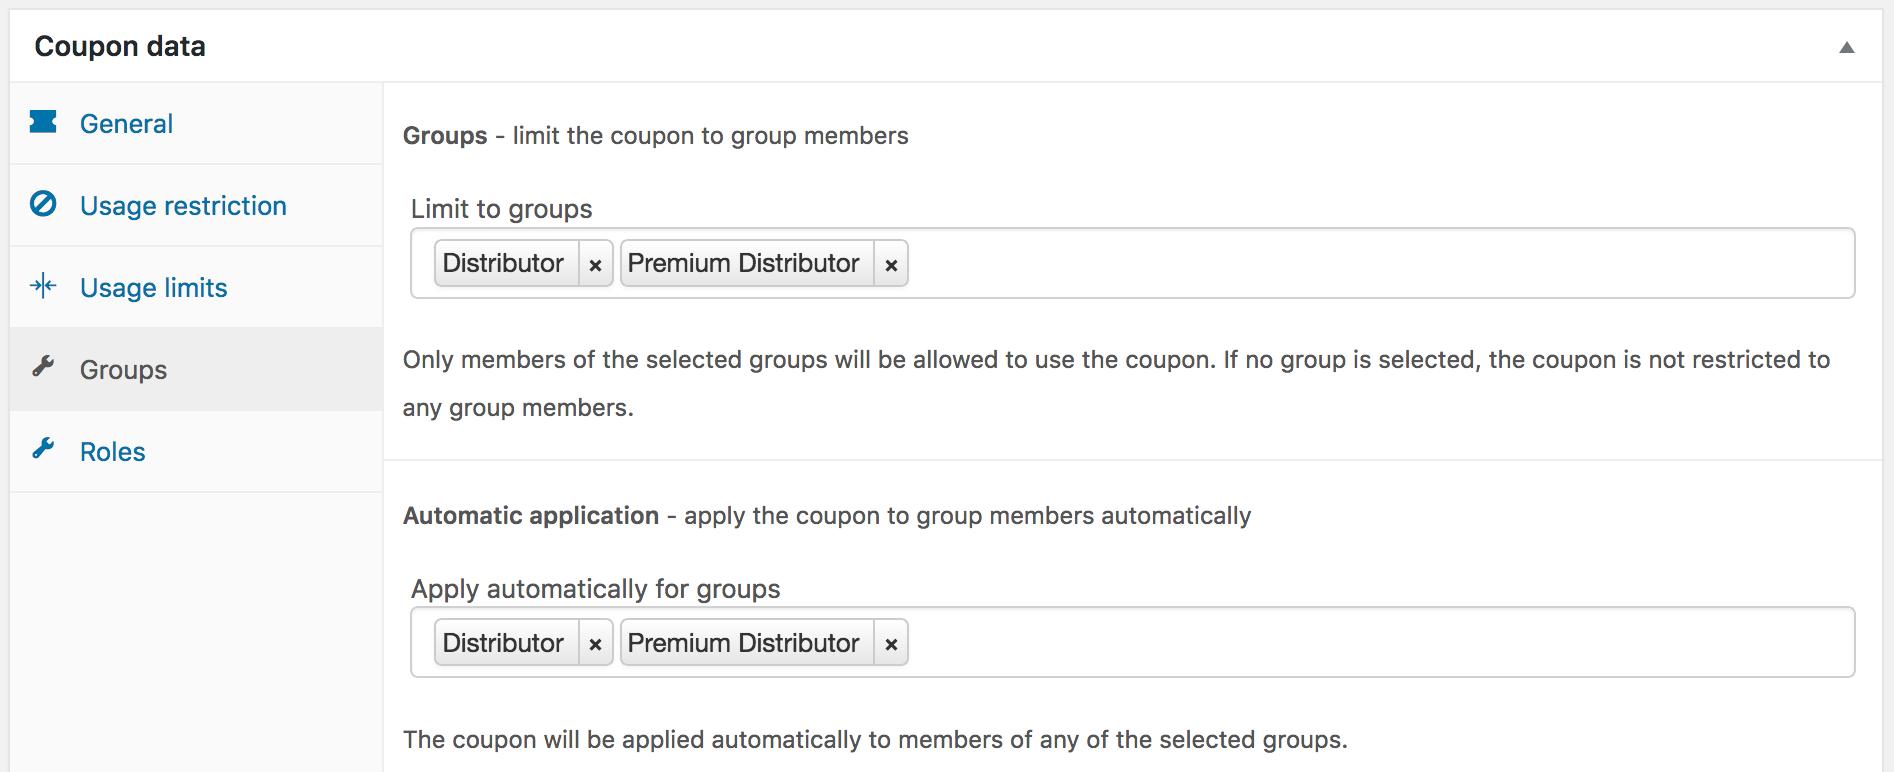 Coupon settings for distributor groups